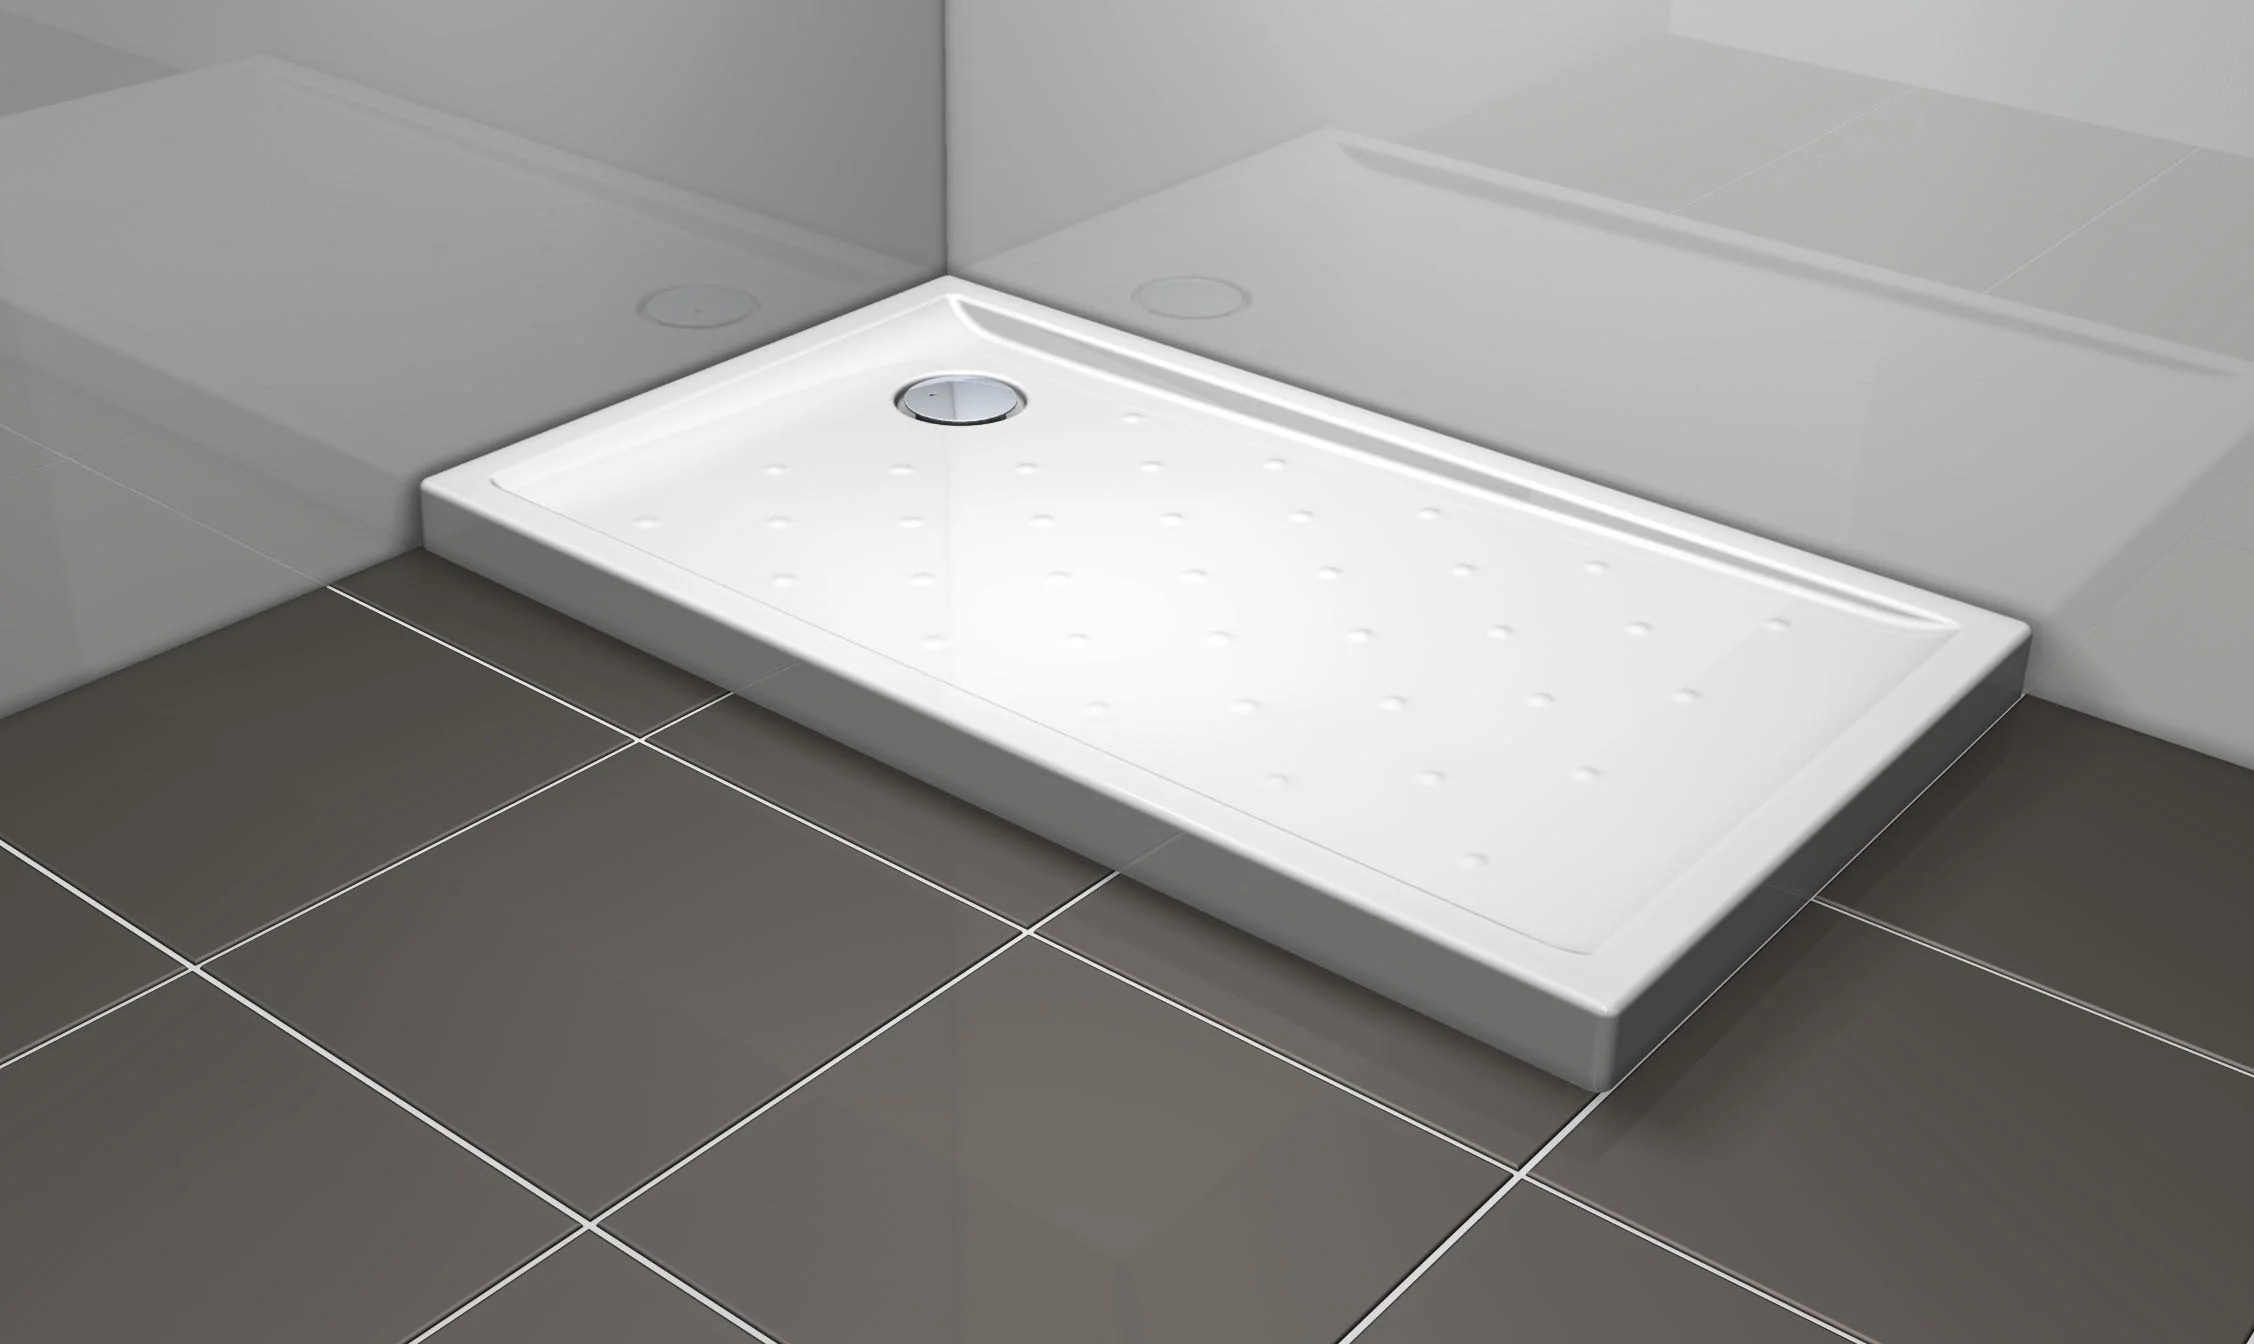 receveur de douche rectangulaire l 120 x l 70 cm gres blanc asca2